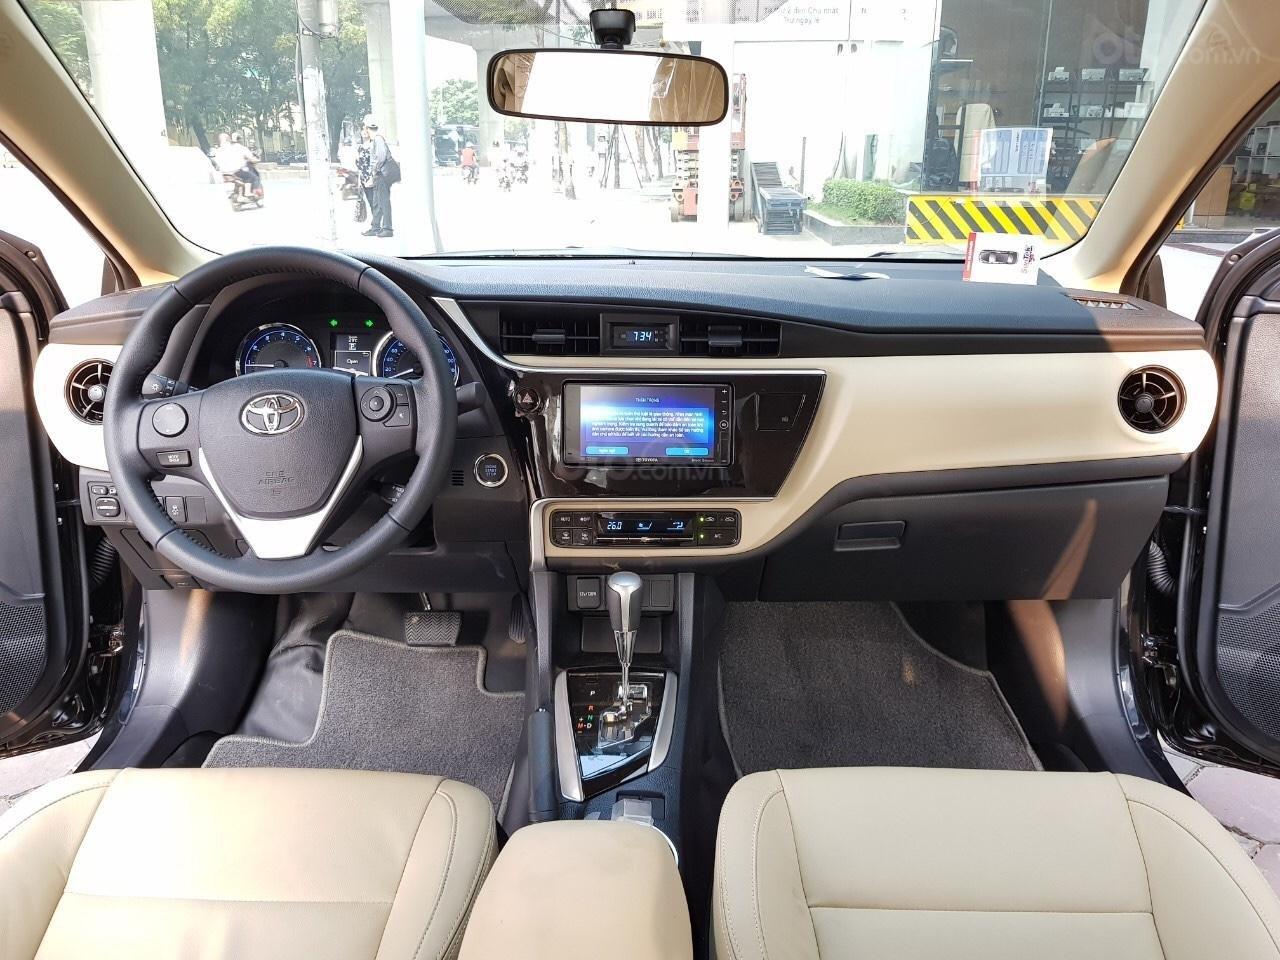 Khuyến mại tốt dành cho Toyota Altis G 2019, hỗ trợ trả góp lên đến 90% giá trị xe. Hotline 0971 123 125-3